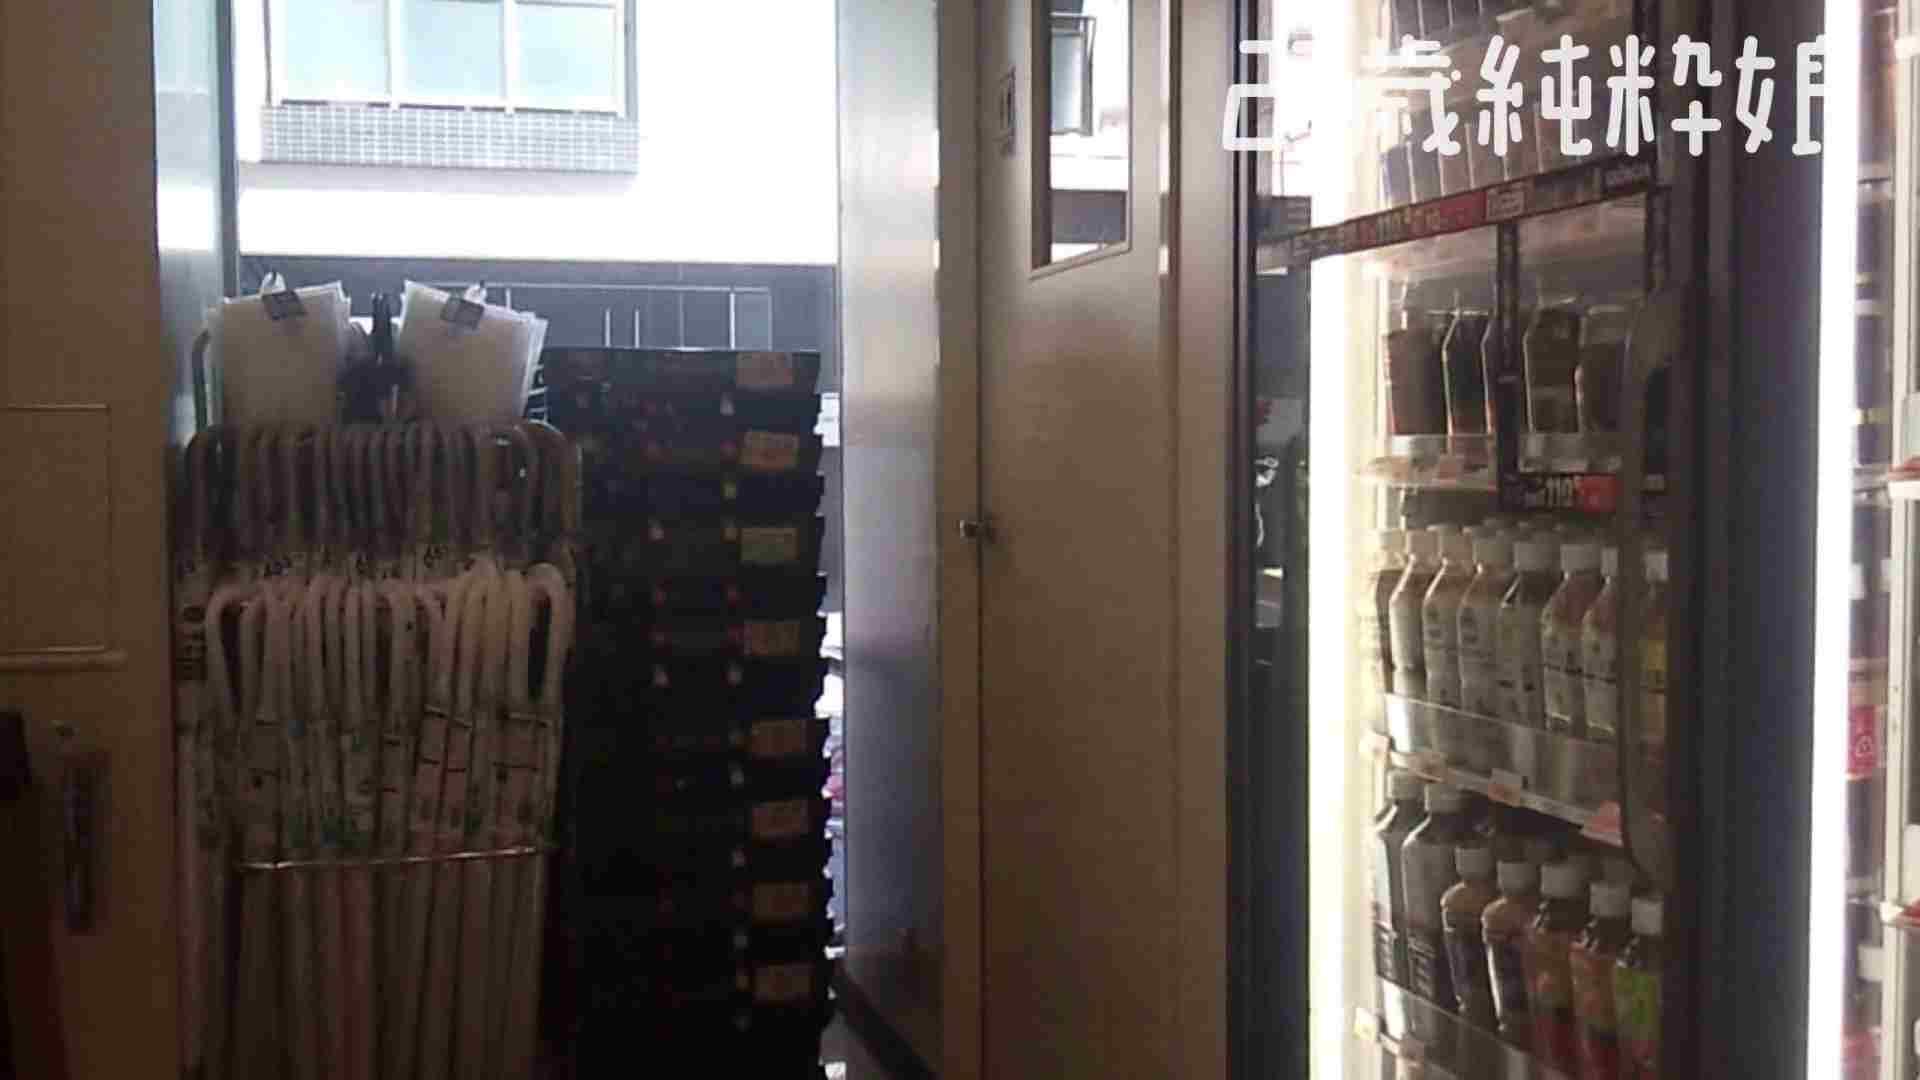 Gカップ21歳純粋嬢第2弾Vol.5 OL | 学校  75連発 74